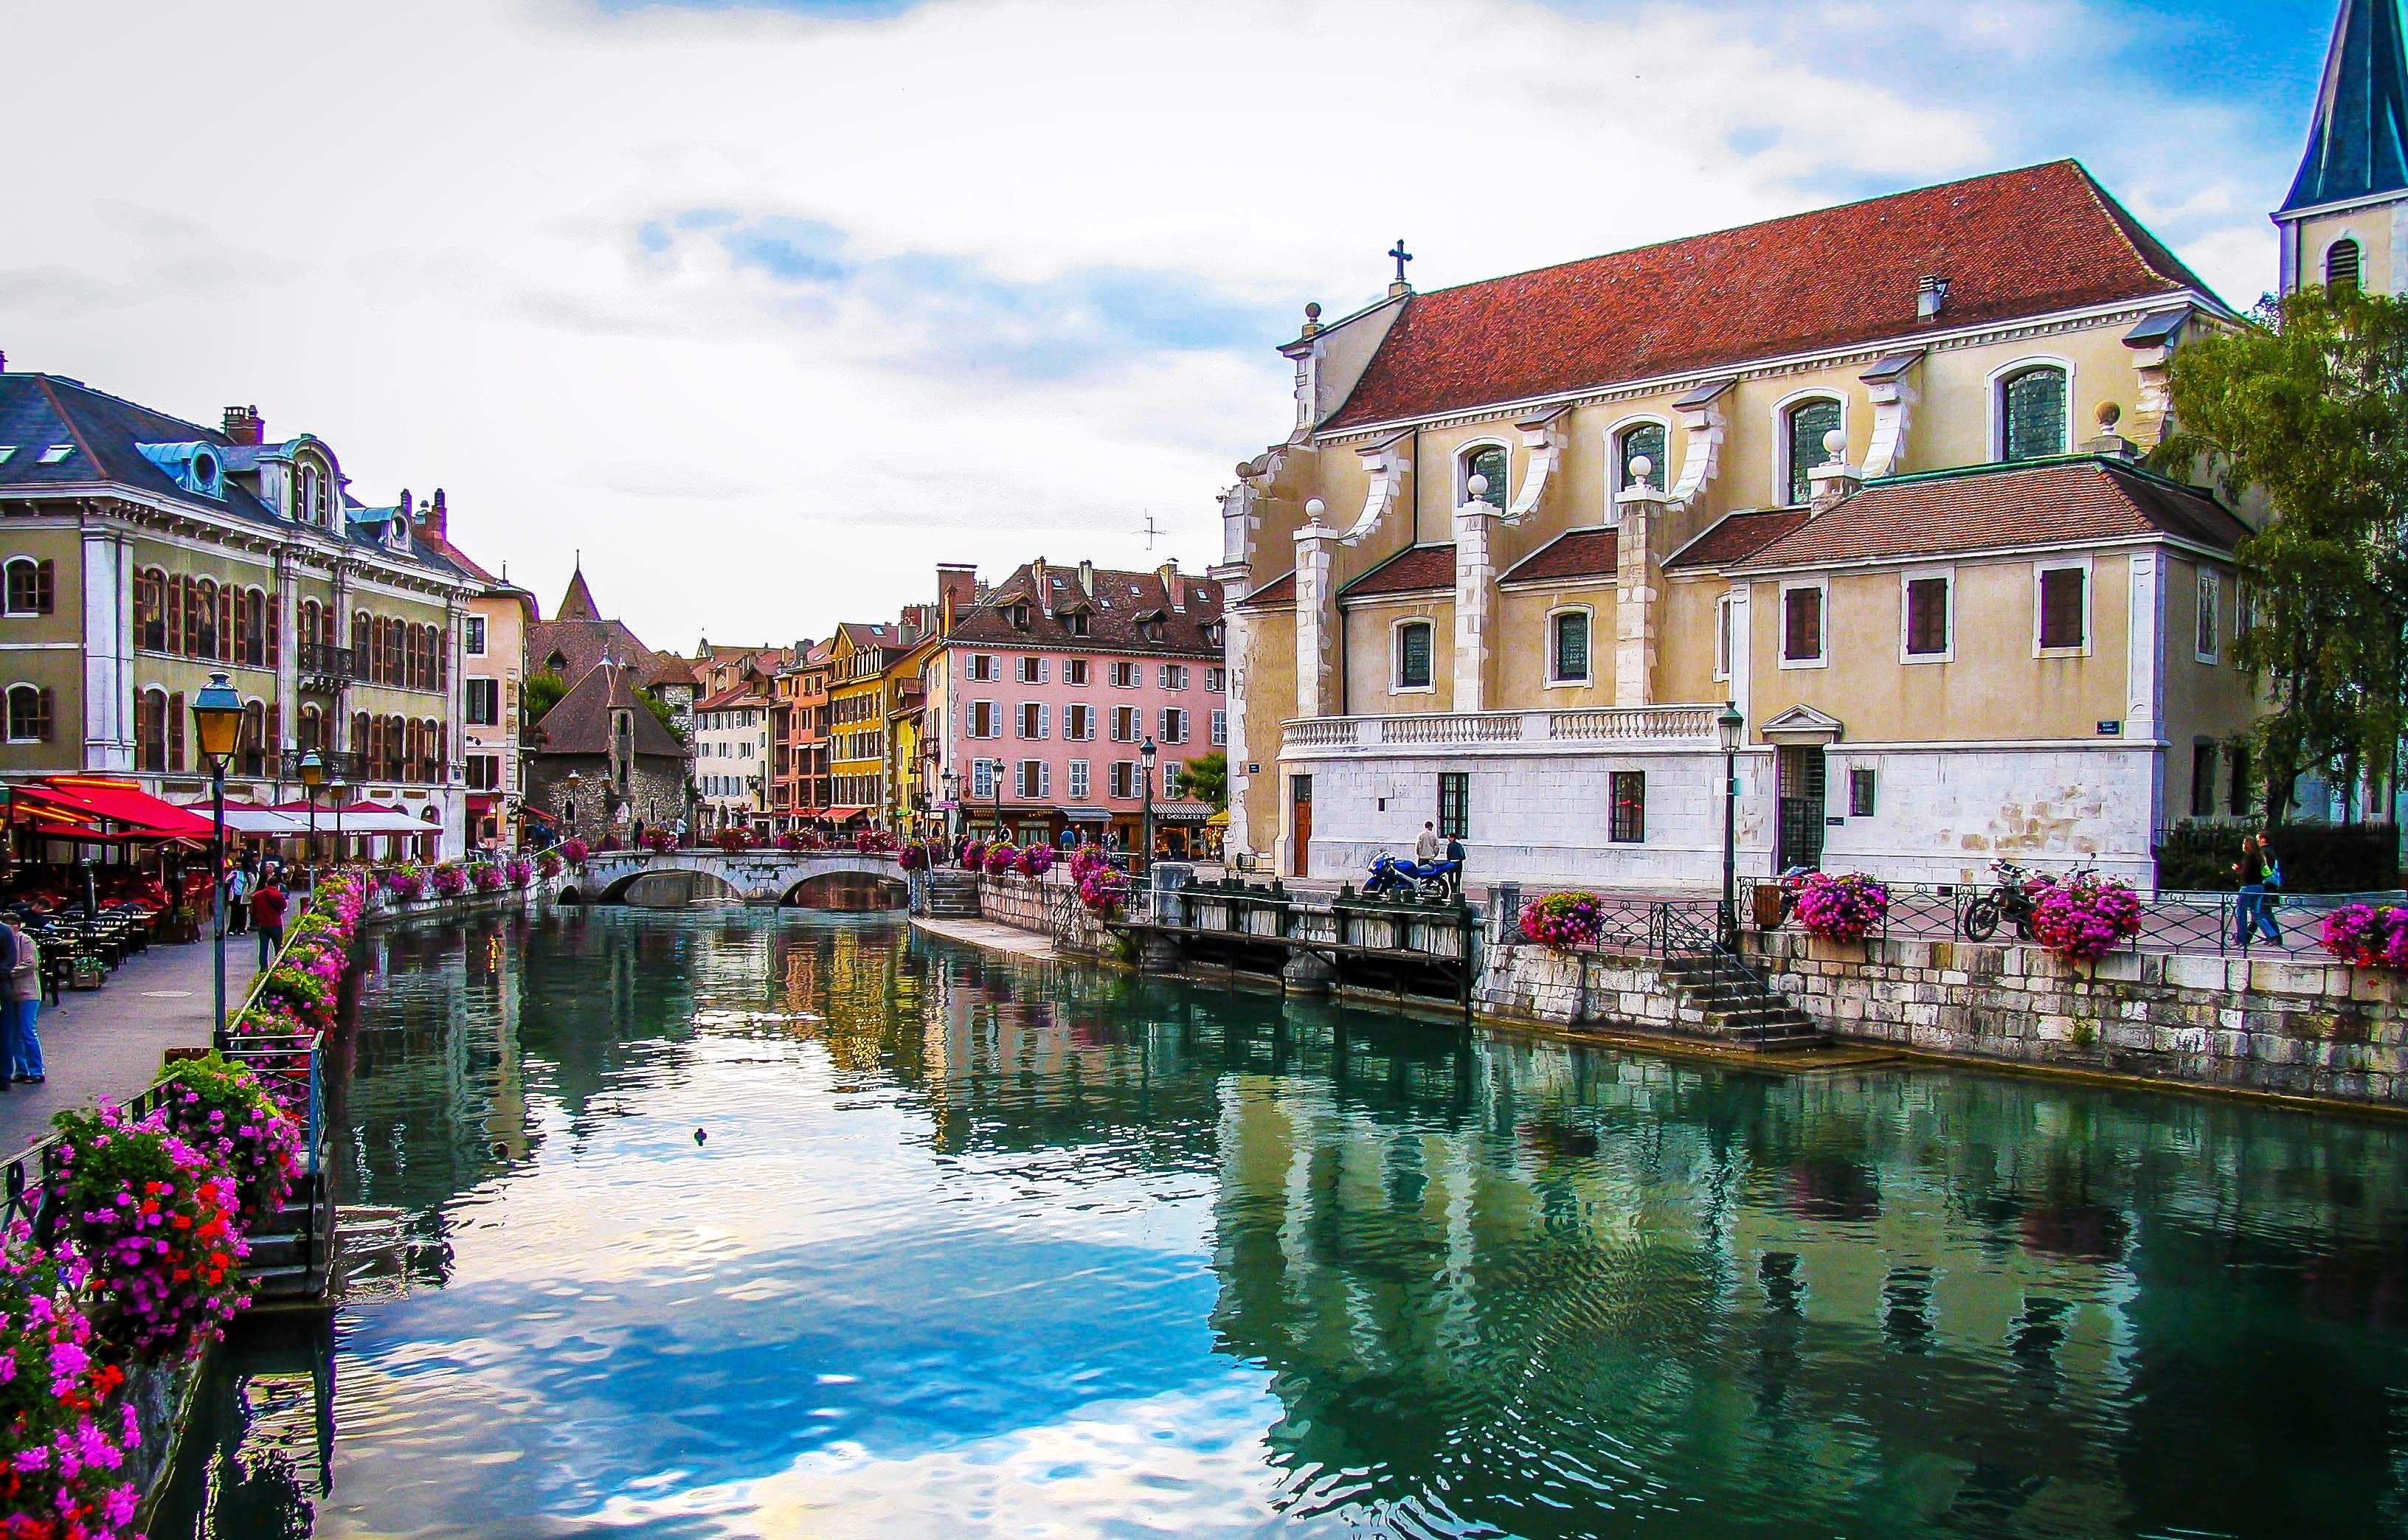 thị trấn Annecy, Haute-Savoie nước Pháp